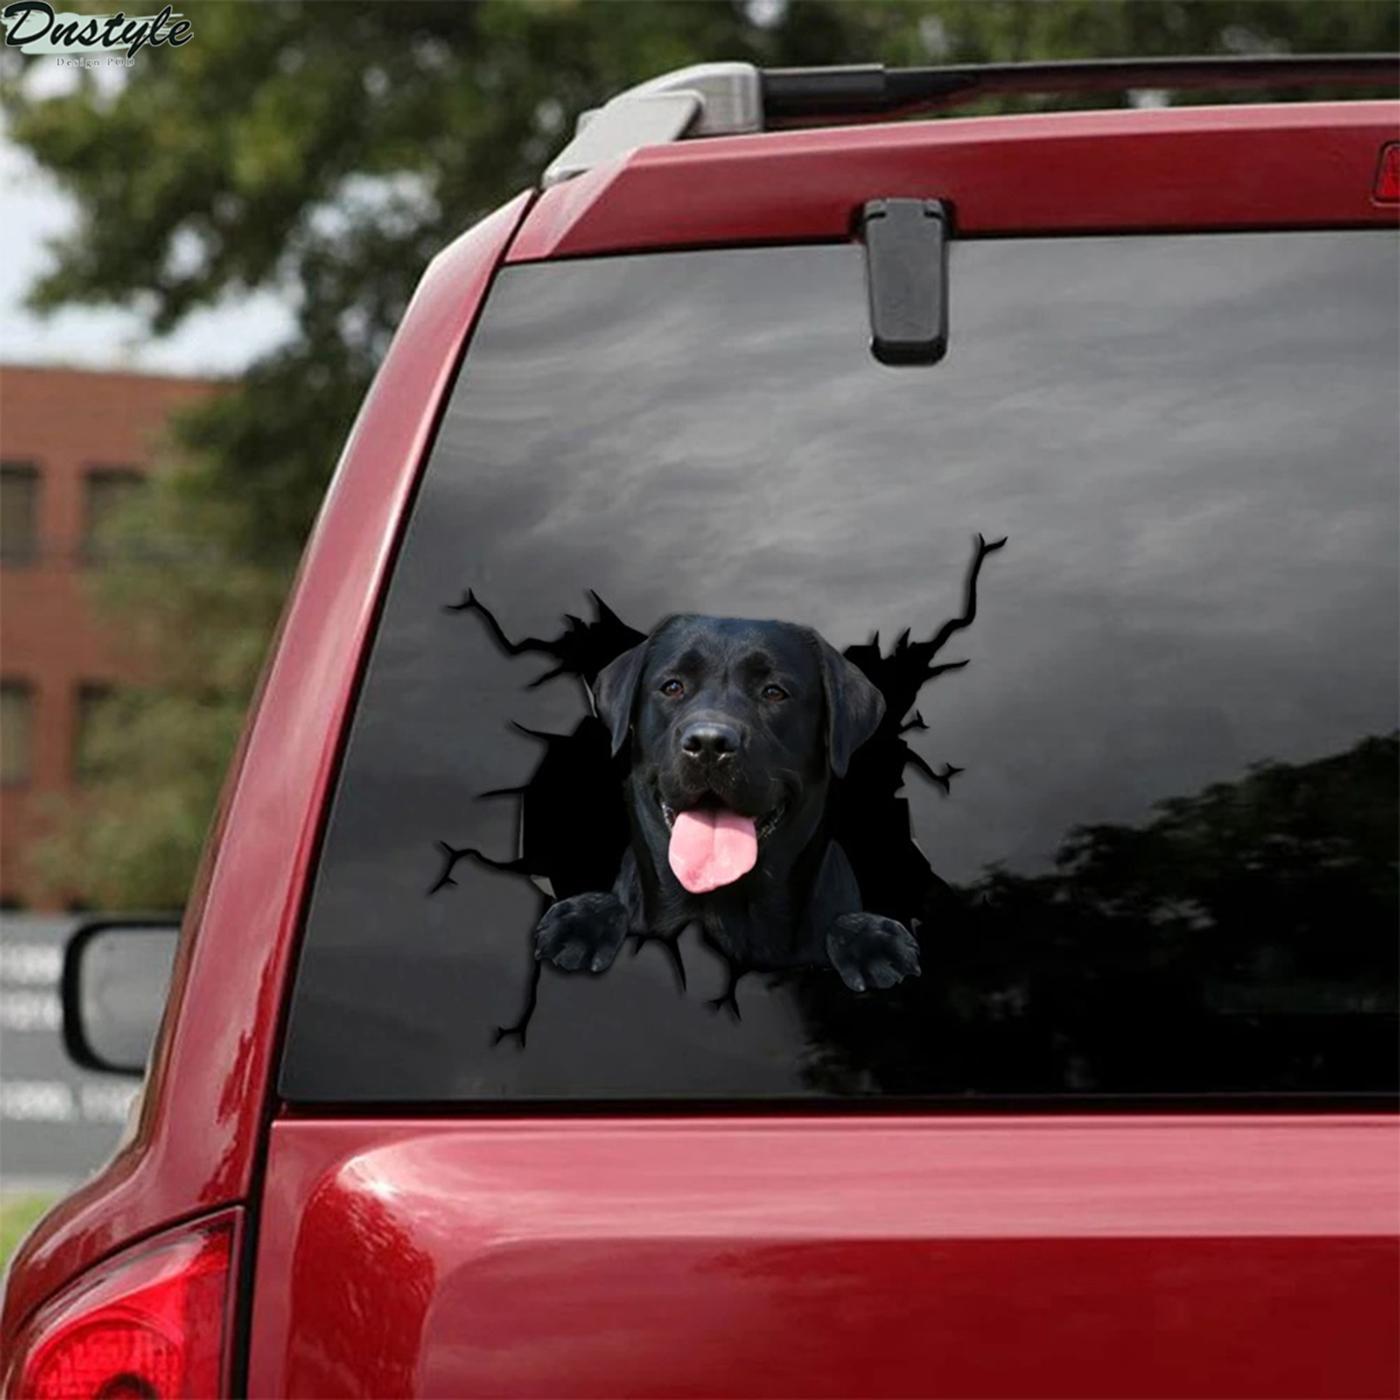 Black labrador crack car decal sticker 2